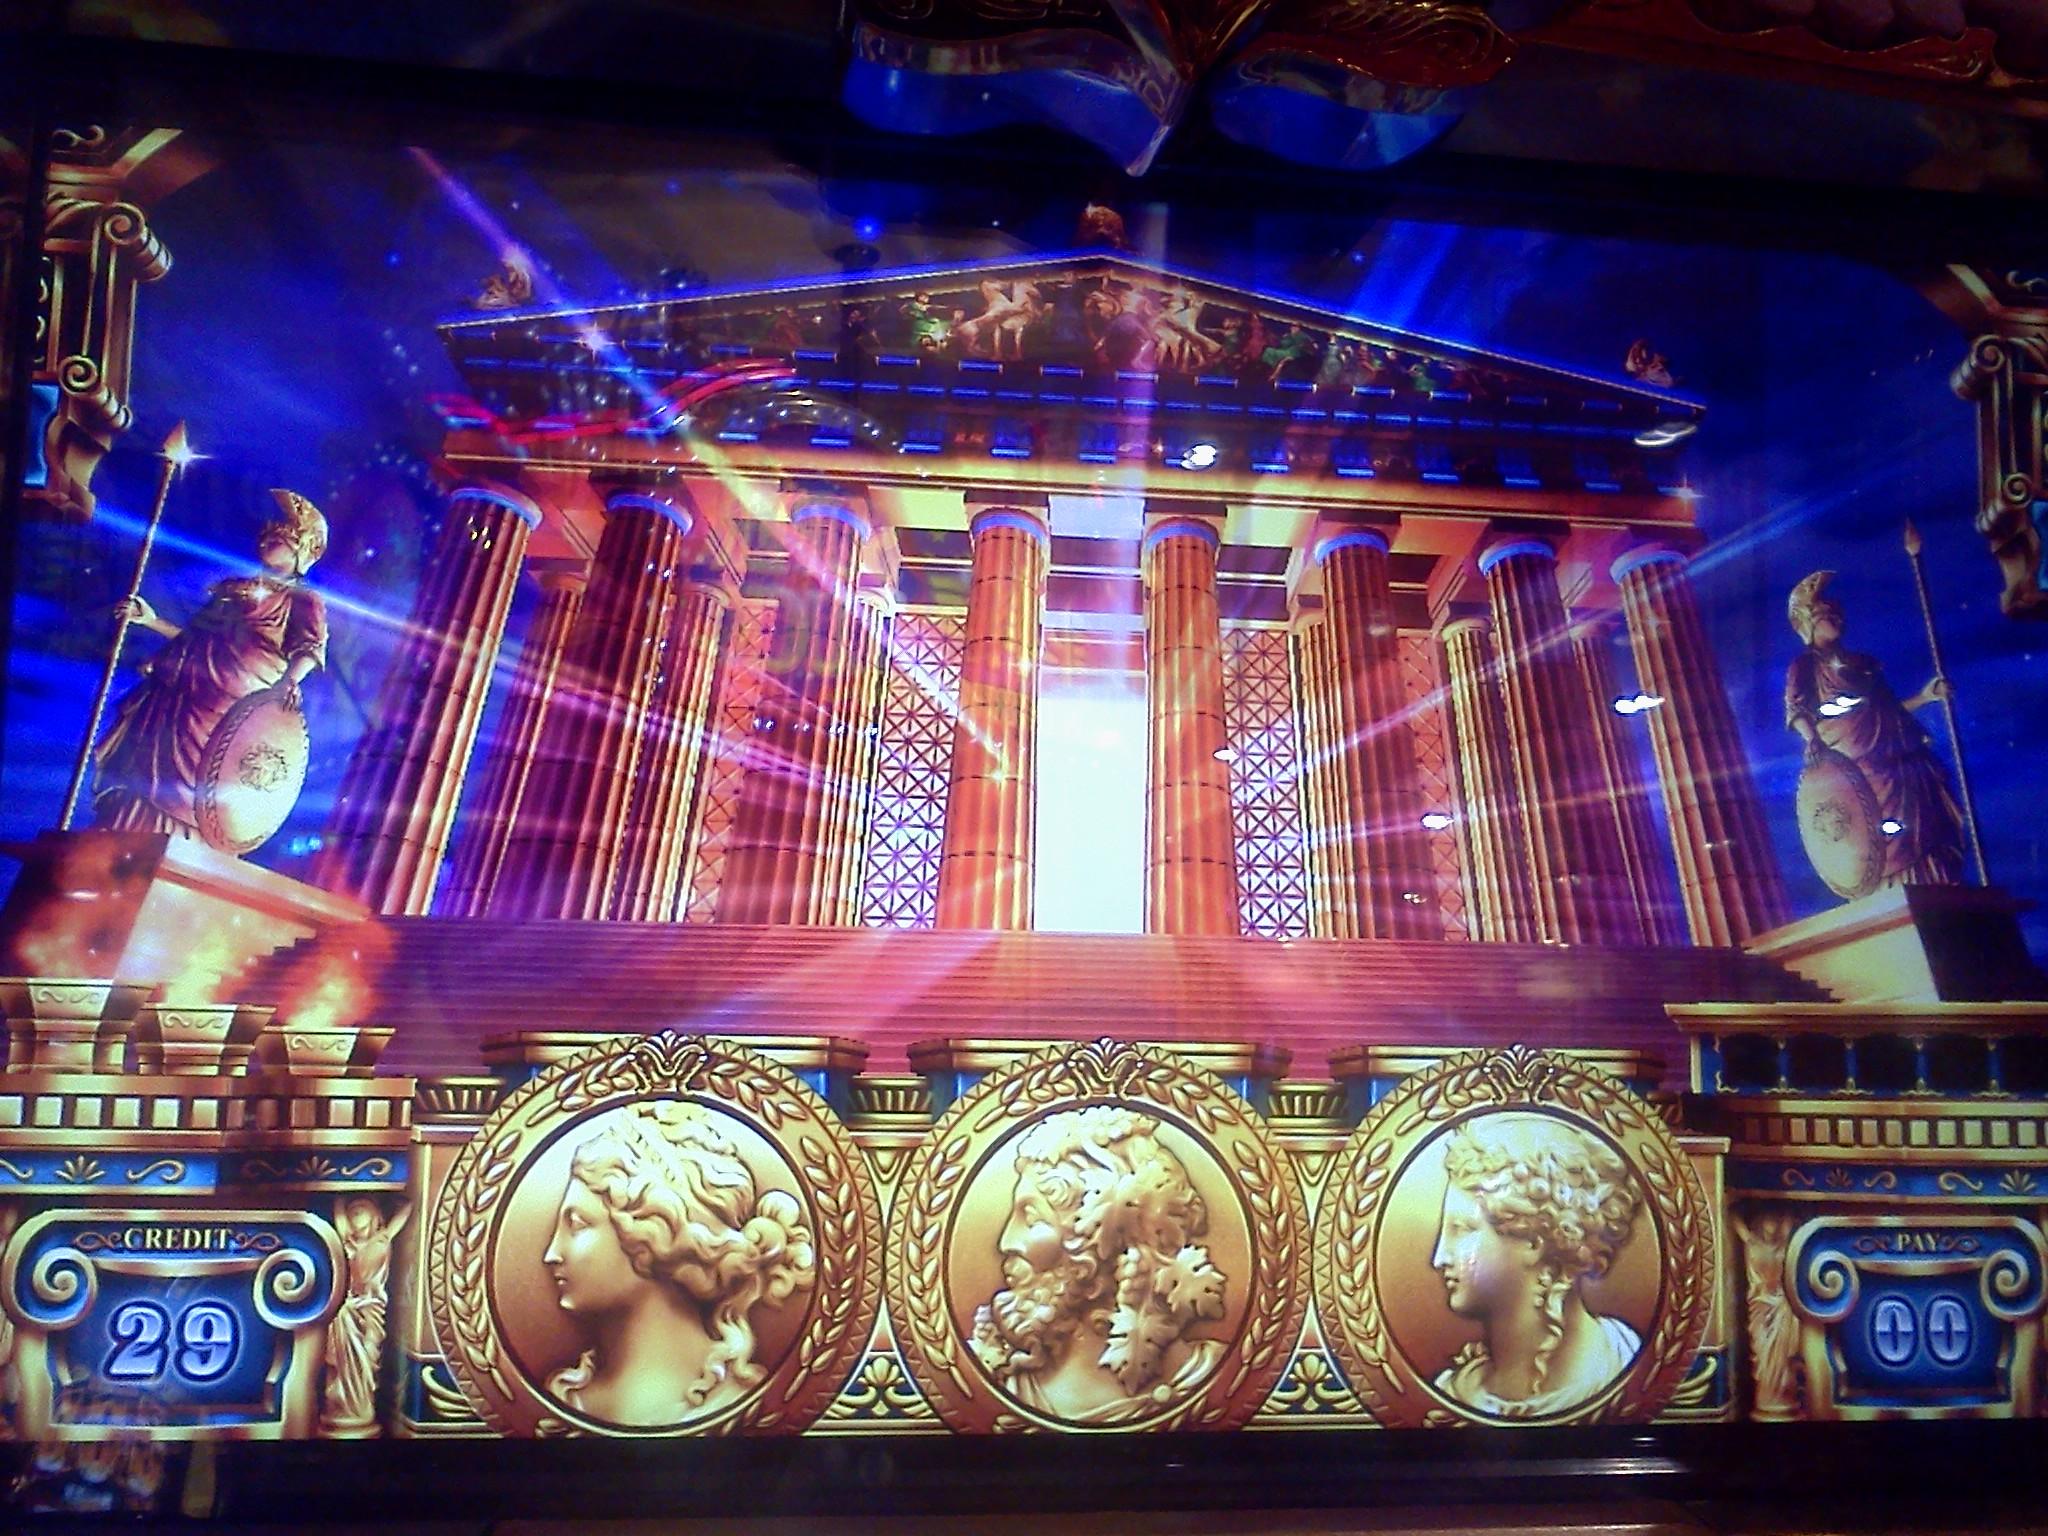 20150406_05_ミリオンゴッド神々の凱旋 神殿ステージ